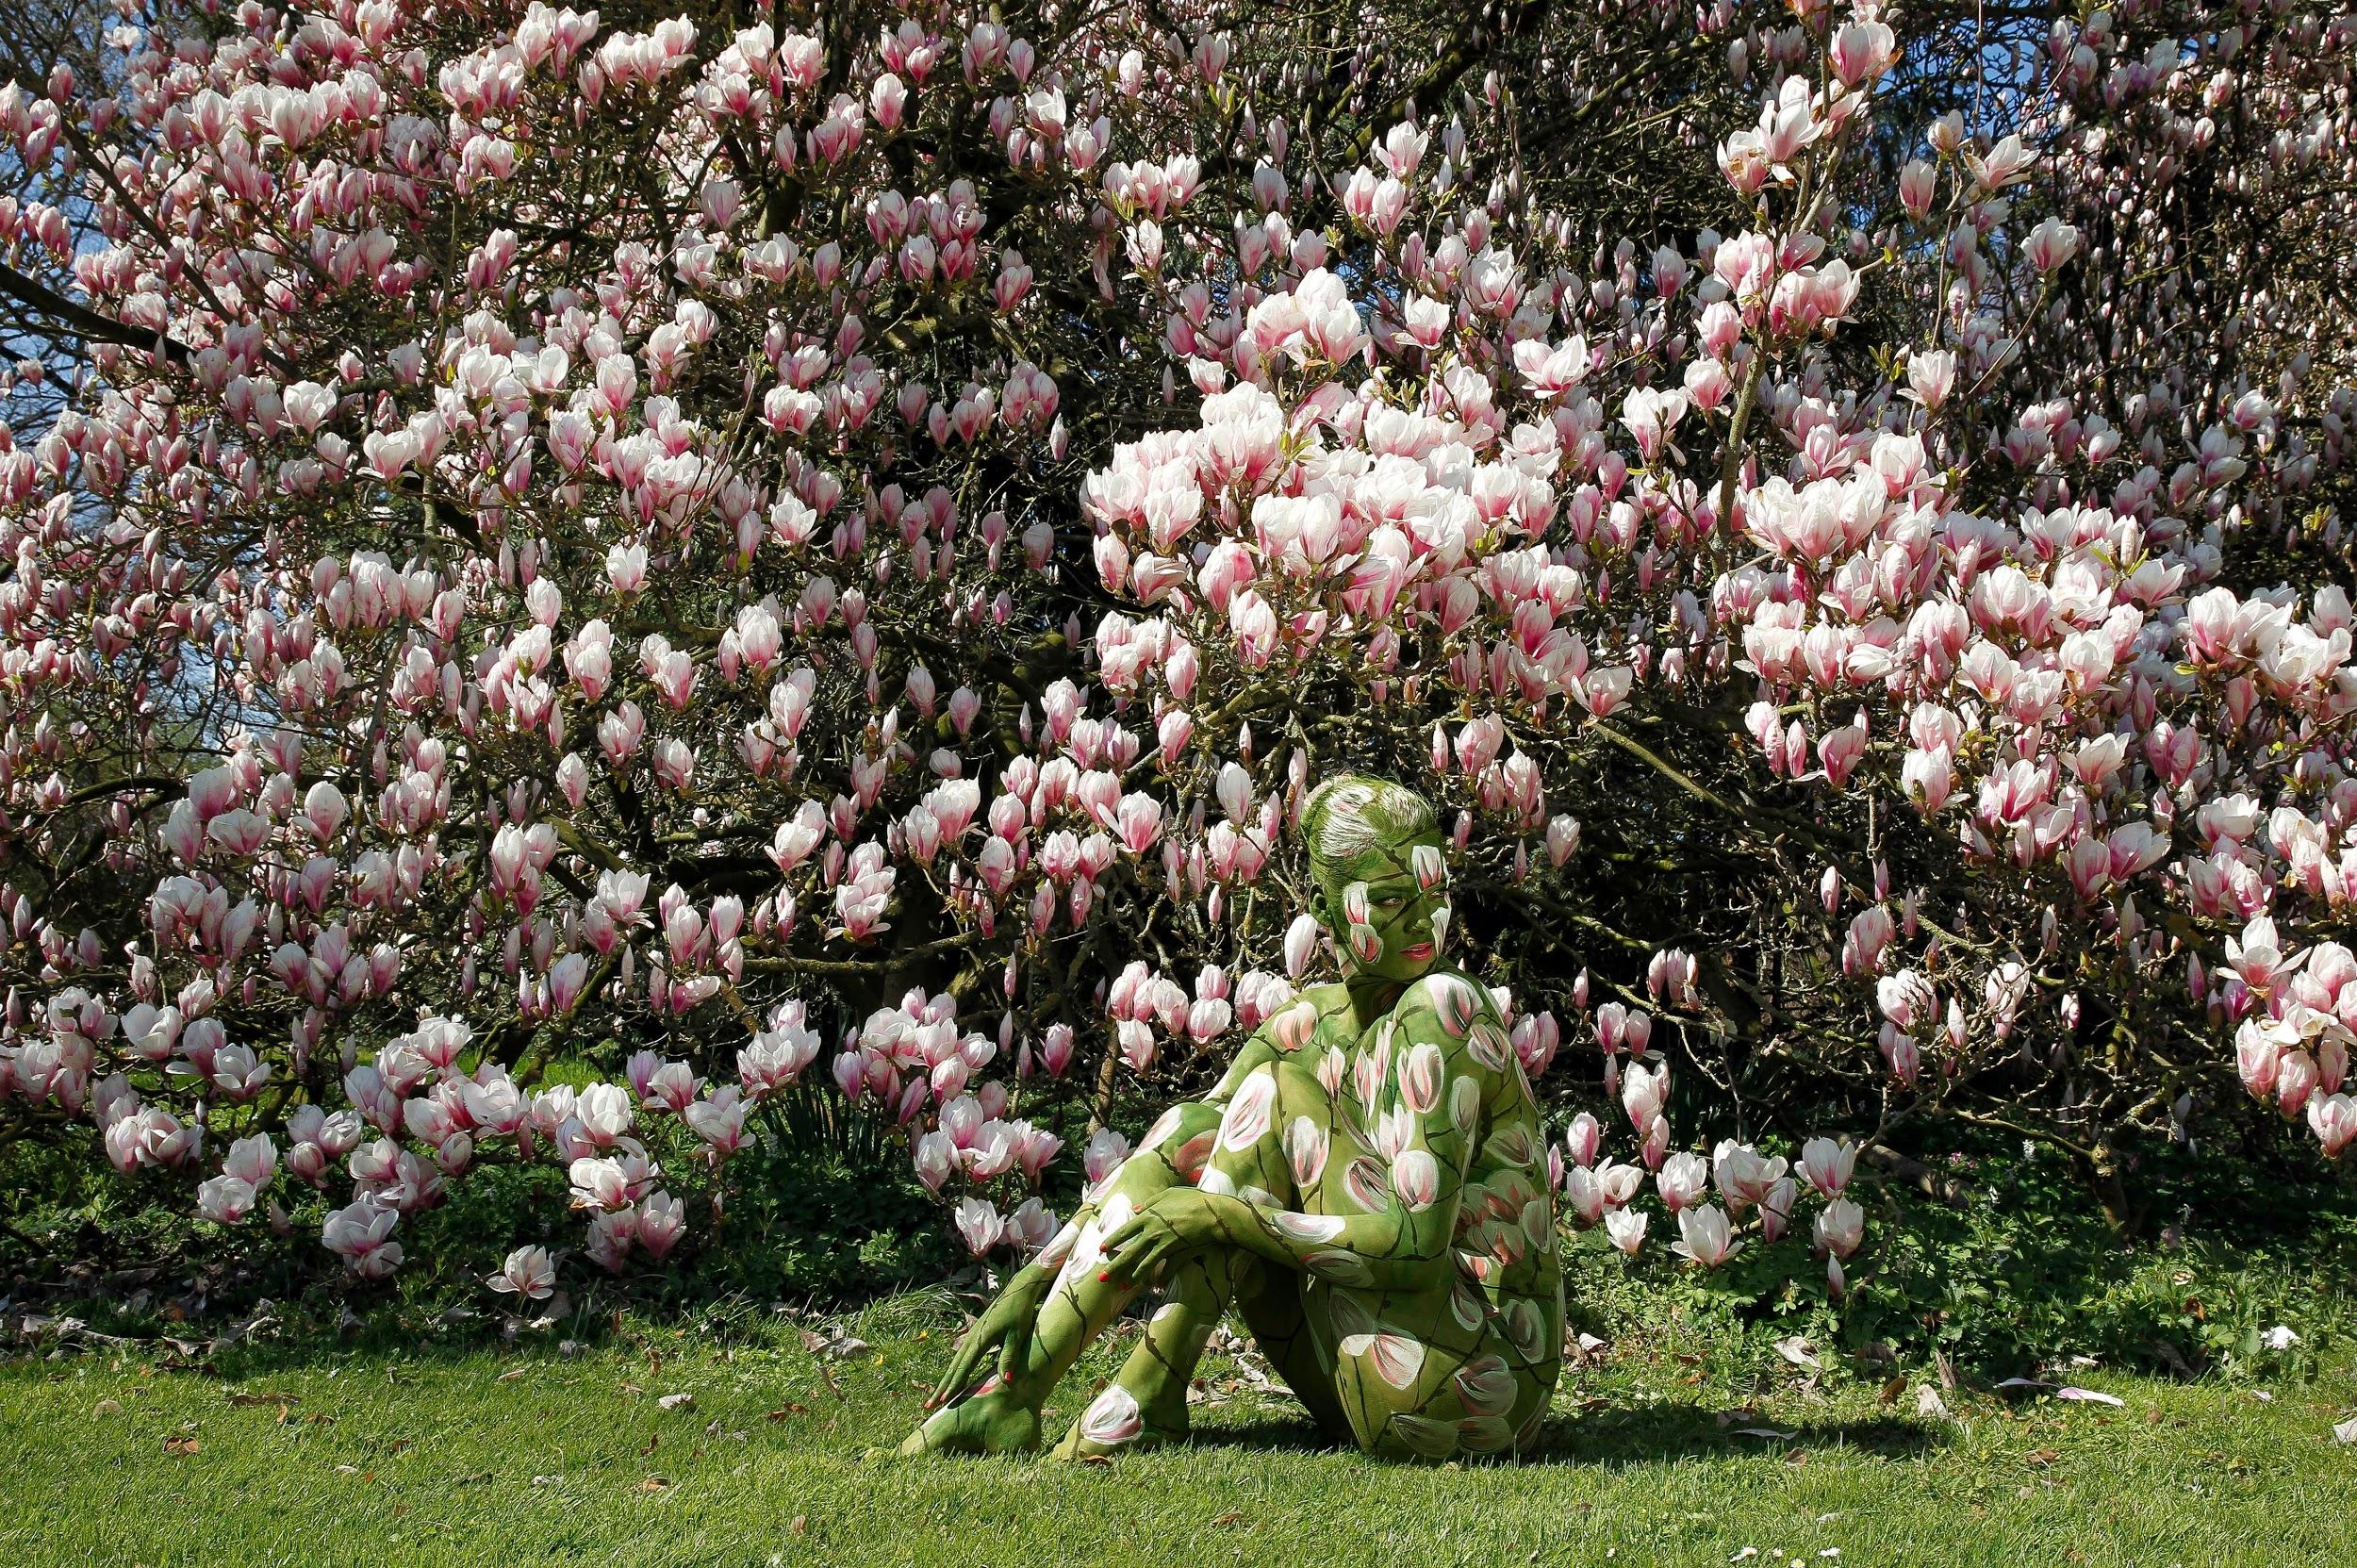 Художник спрятал среди природы 10 голых моделей, и некоторых из них разглядеть почти невозможно